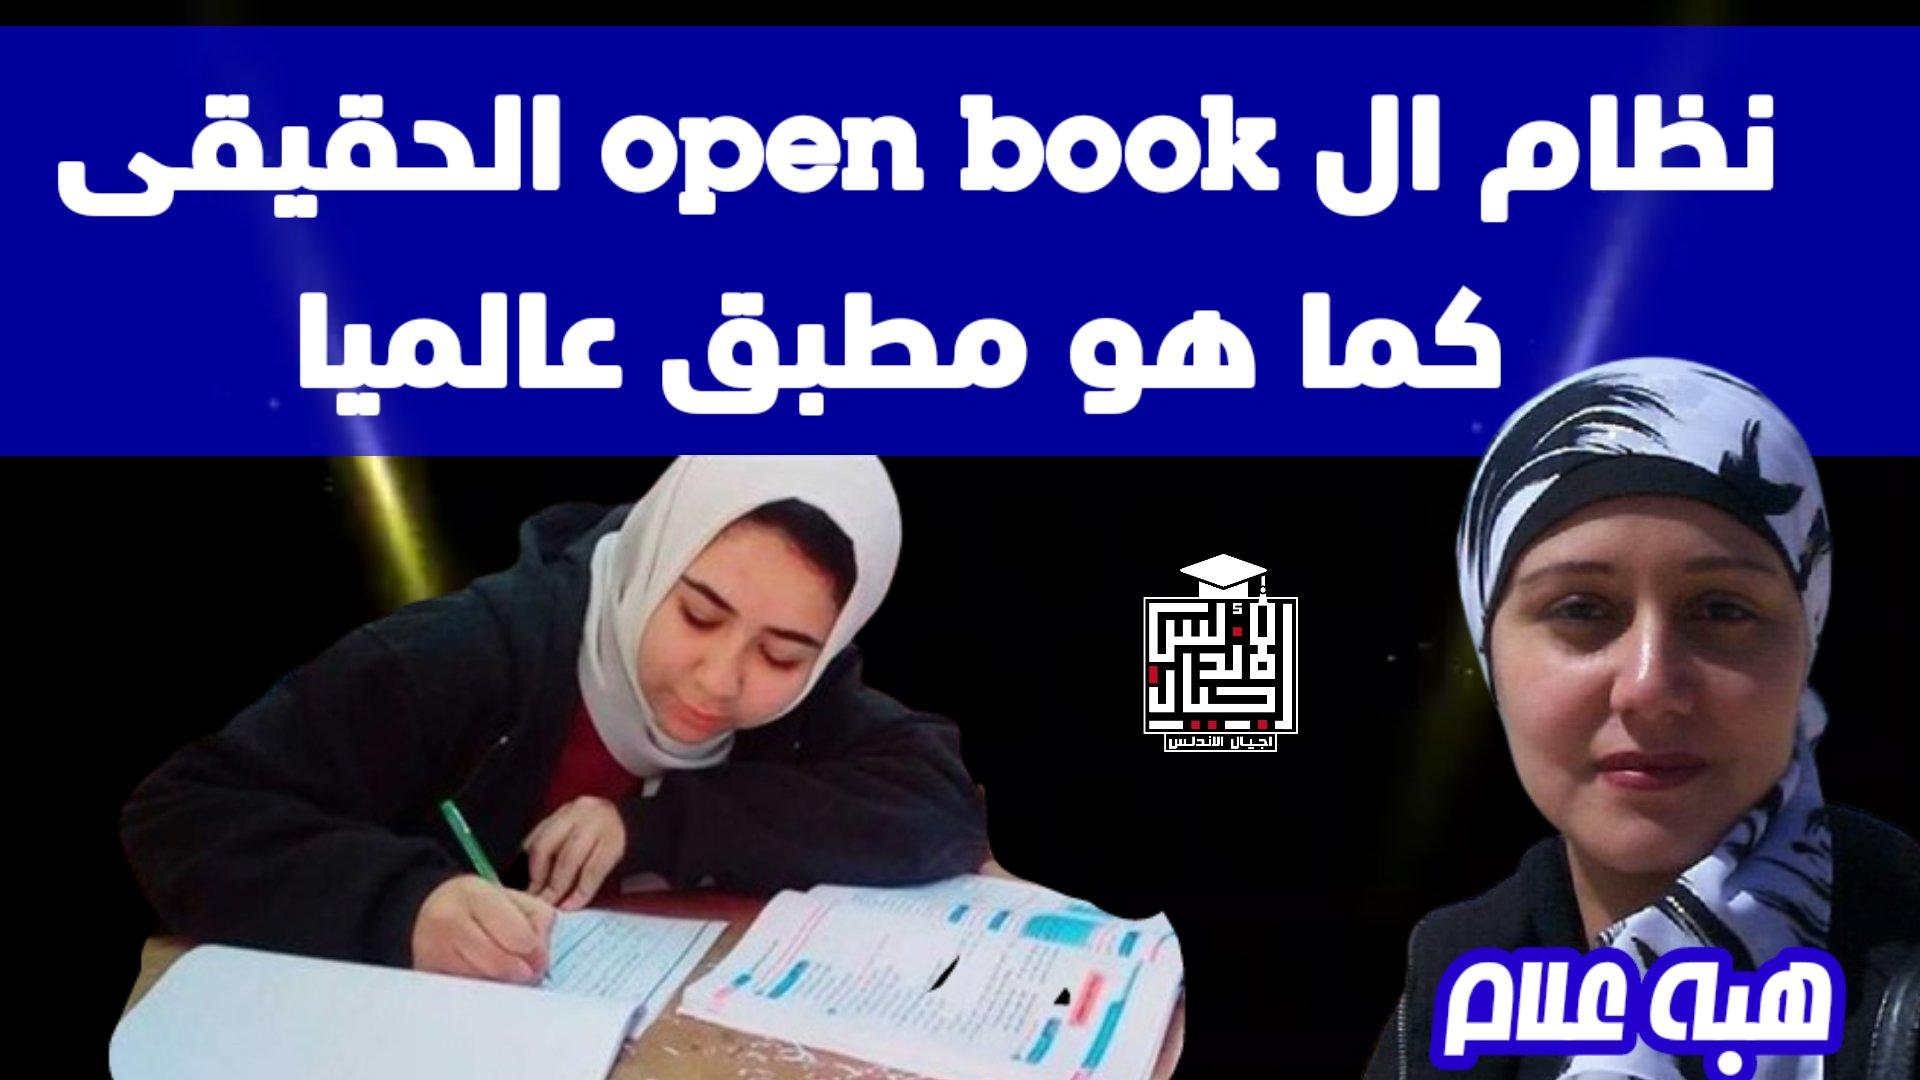 نظام الاوبن بوك open book الحقيقى كما هو مطبق عالميا